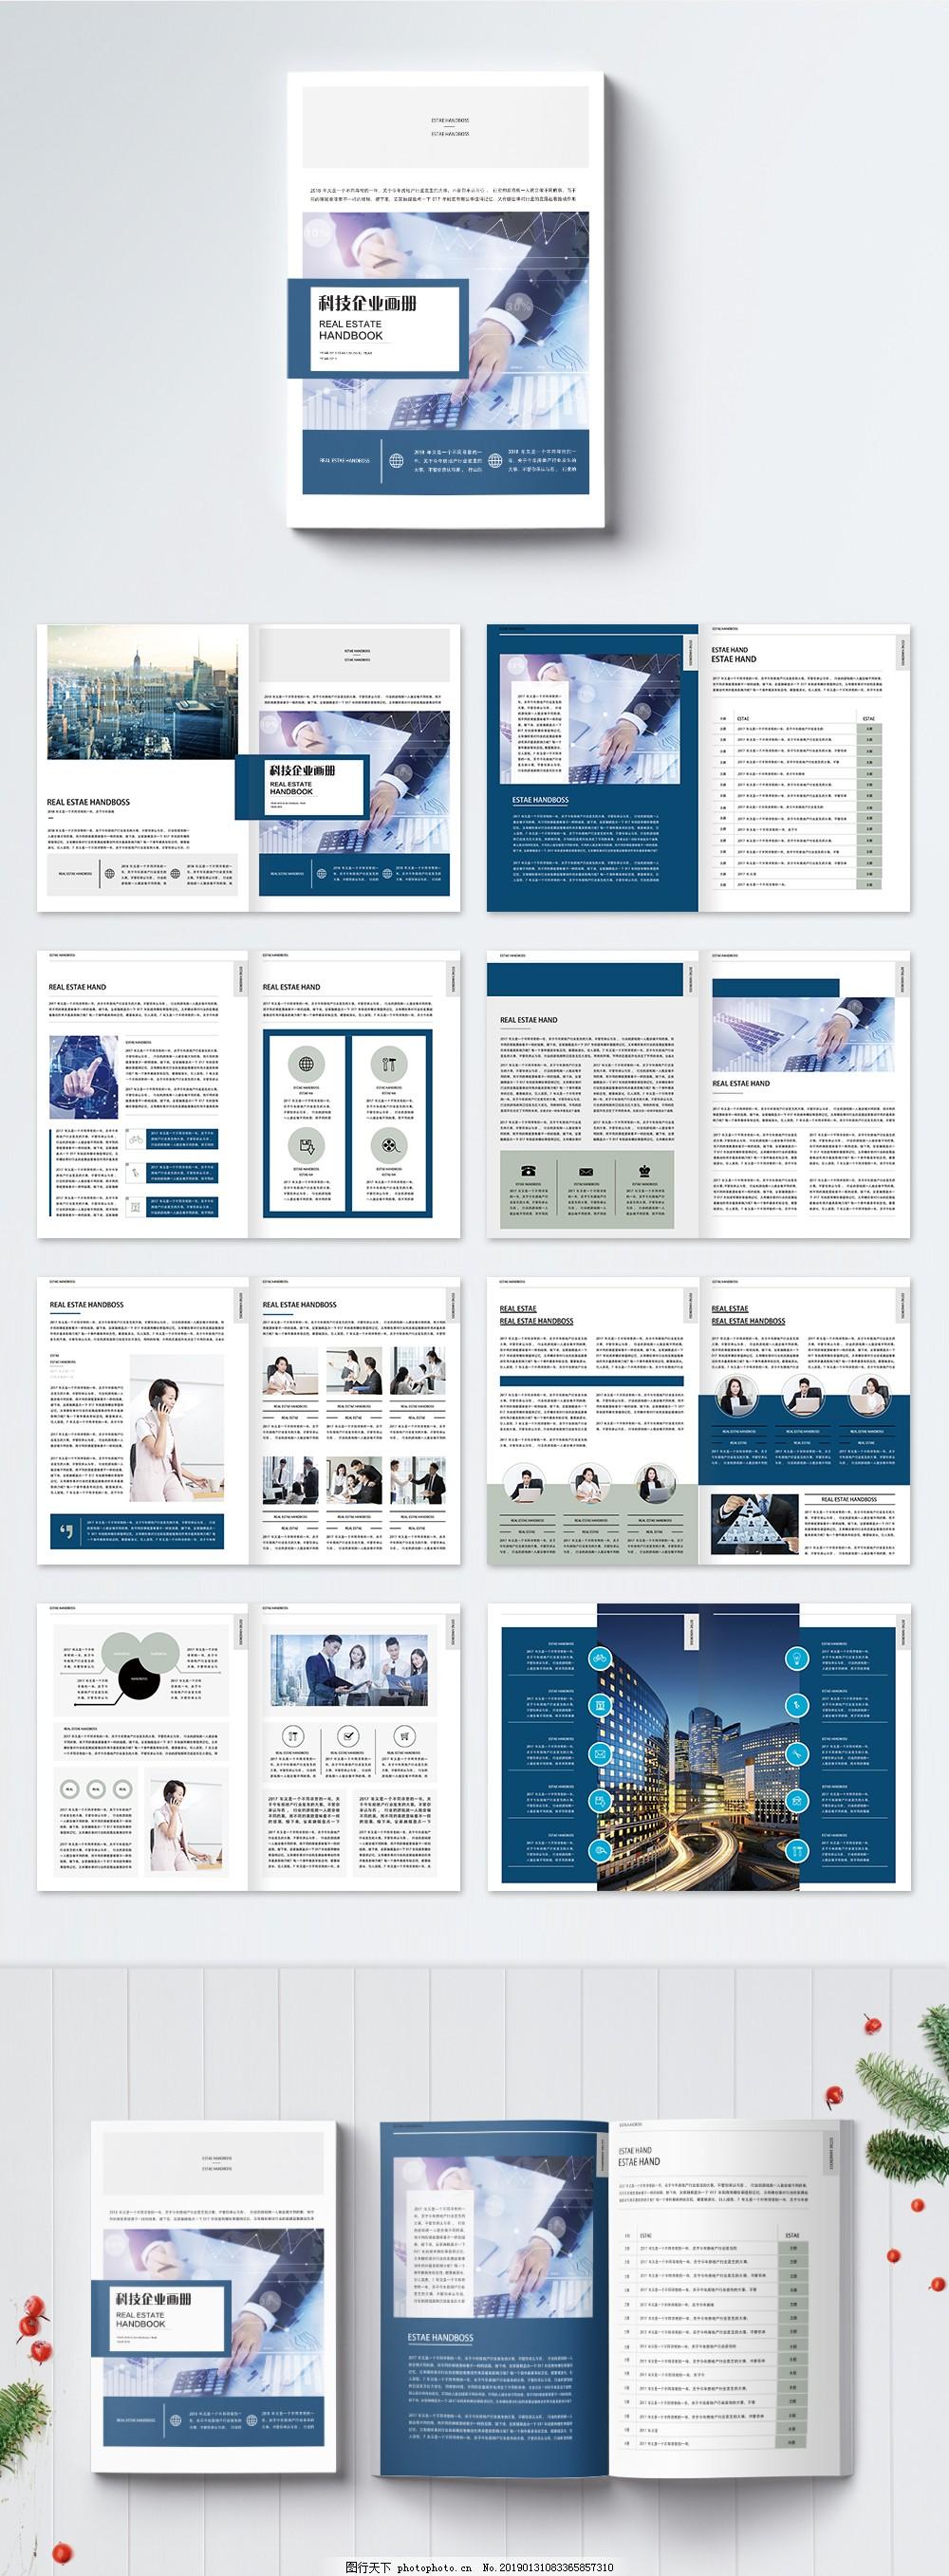 科技企业画册_科技企业画册整套图片_企业画册_画册装帧_图行天下图库